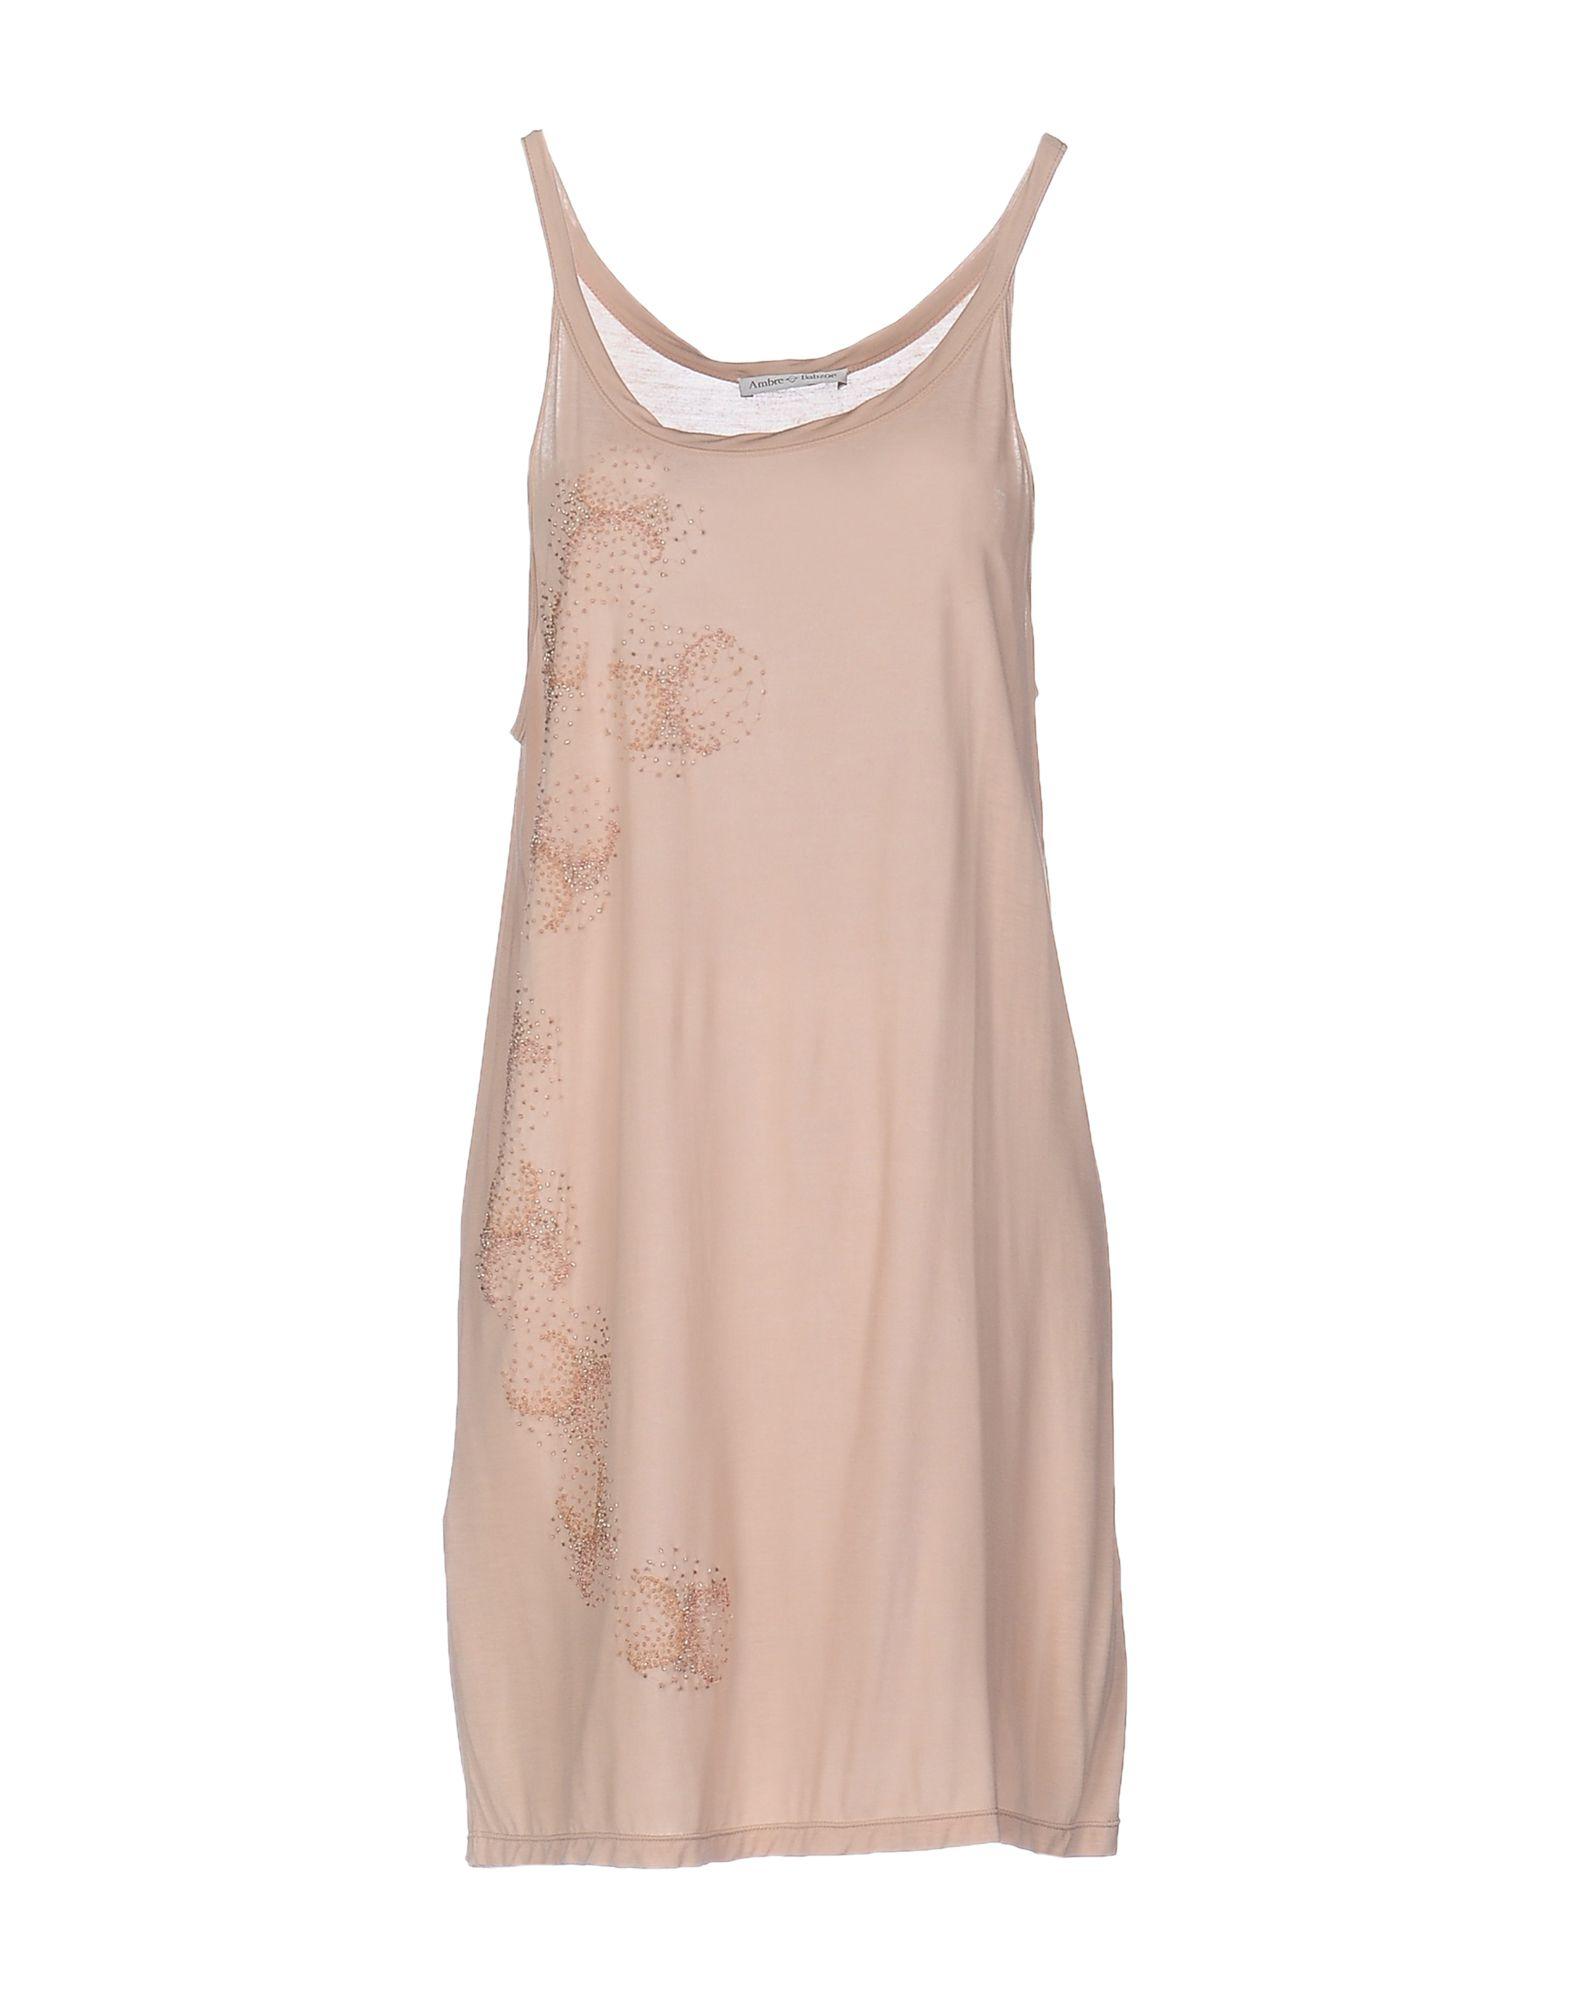 купить AMBRE BABZOE Короткое платье недорого